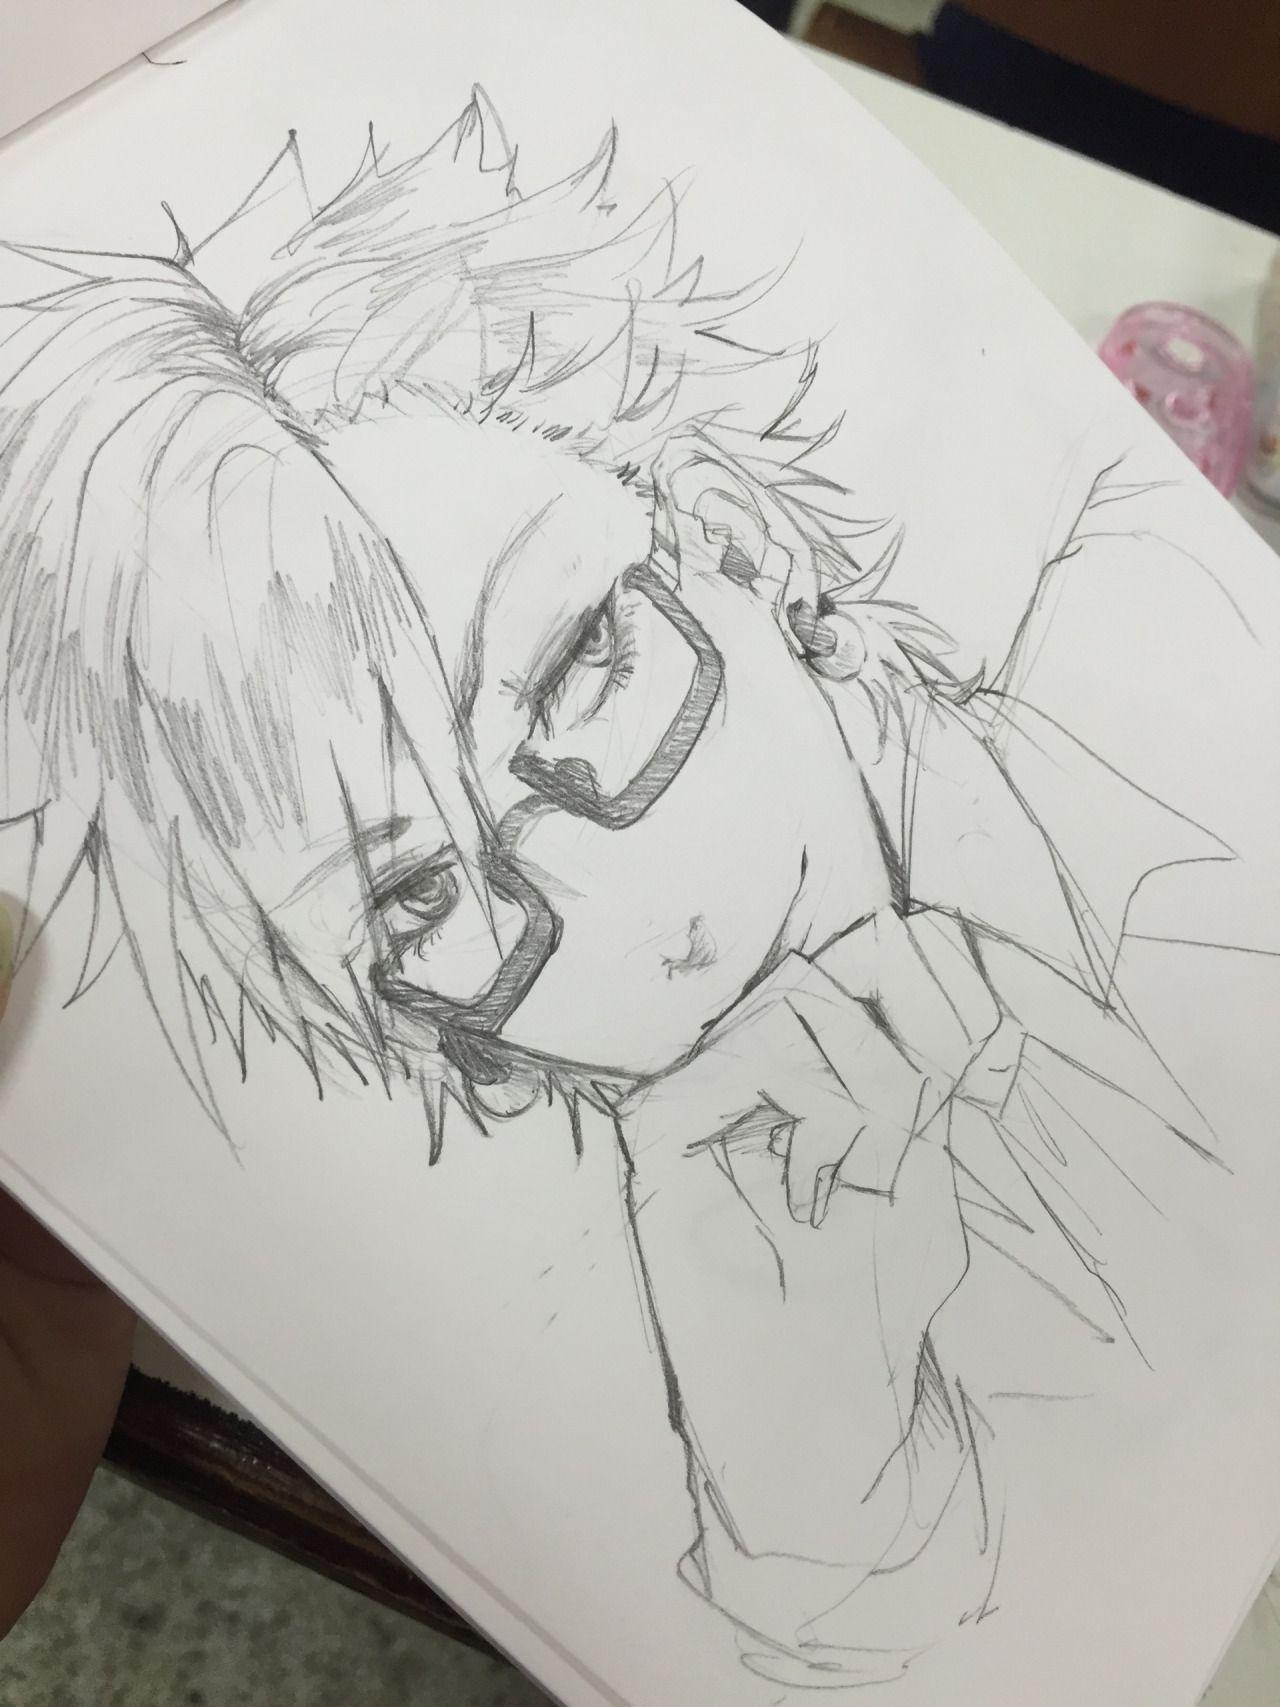 I l l i l a z brooby guy drawing manga drawing drawing stuff manga art